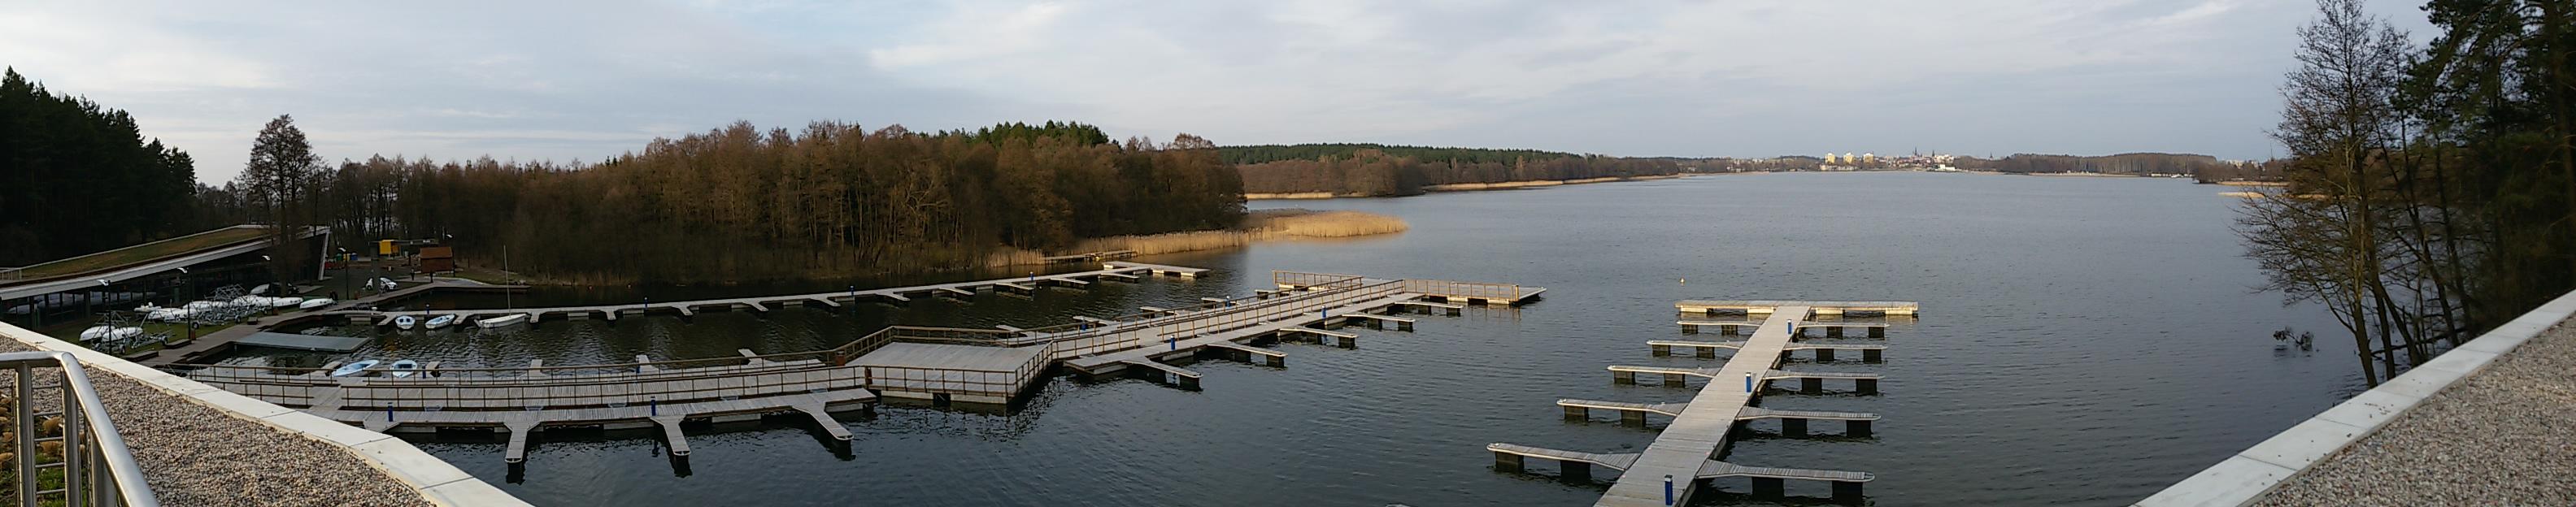 Widok na Jezioro Ukiel